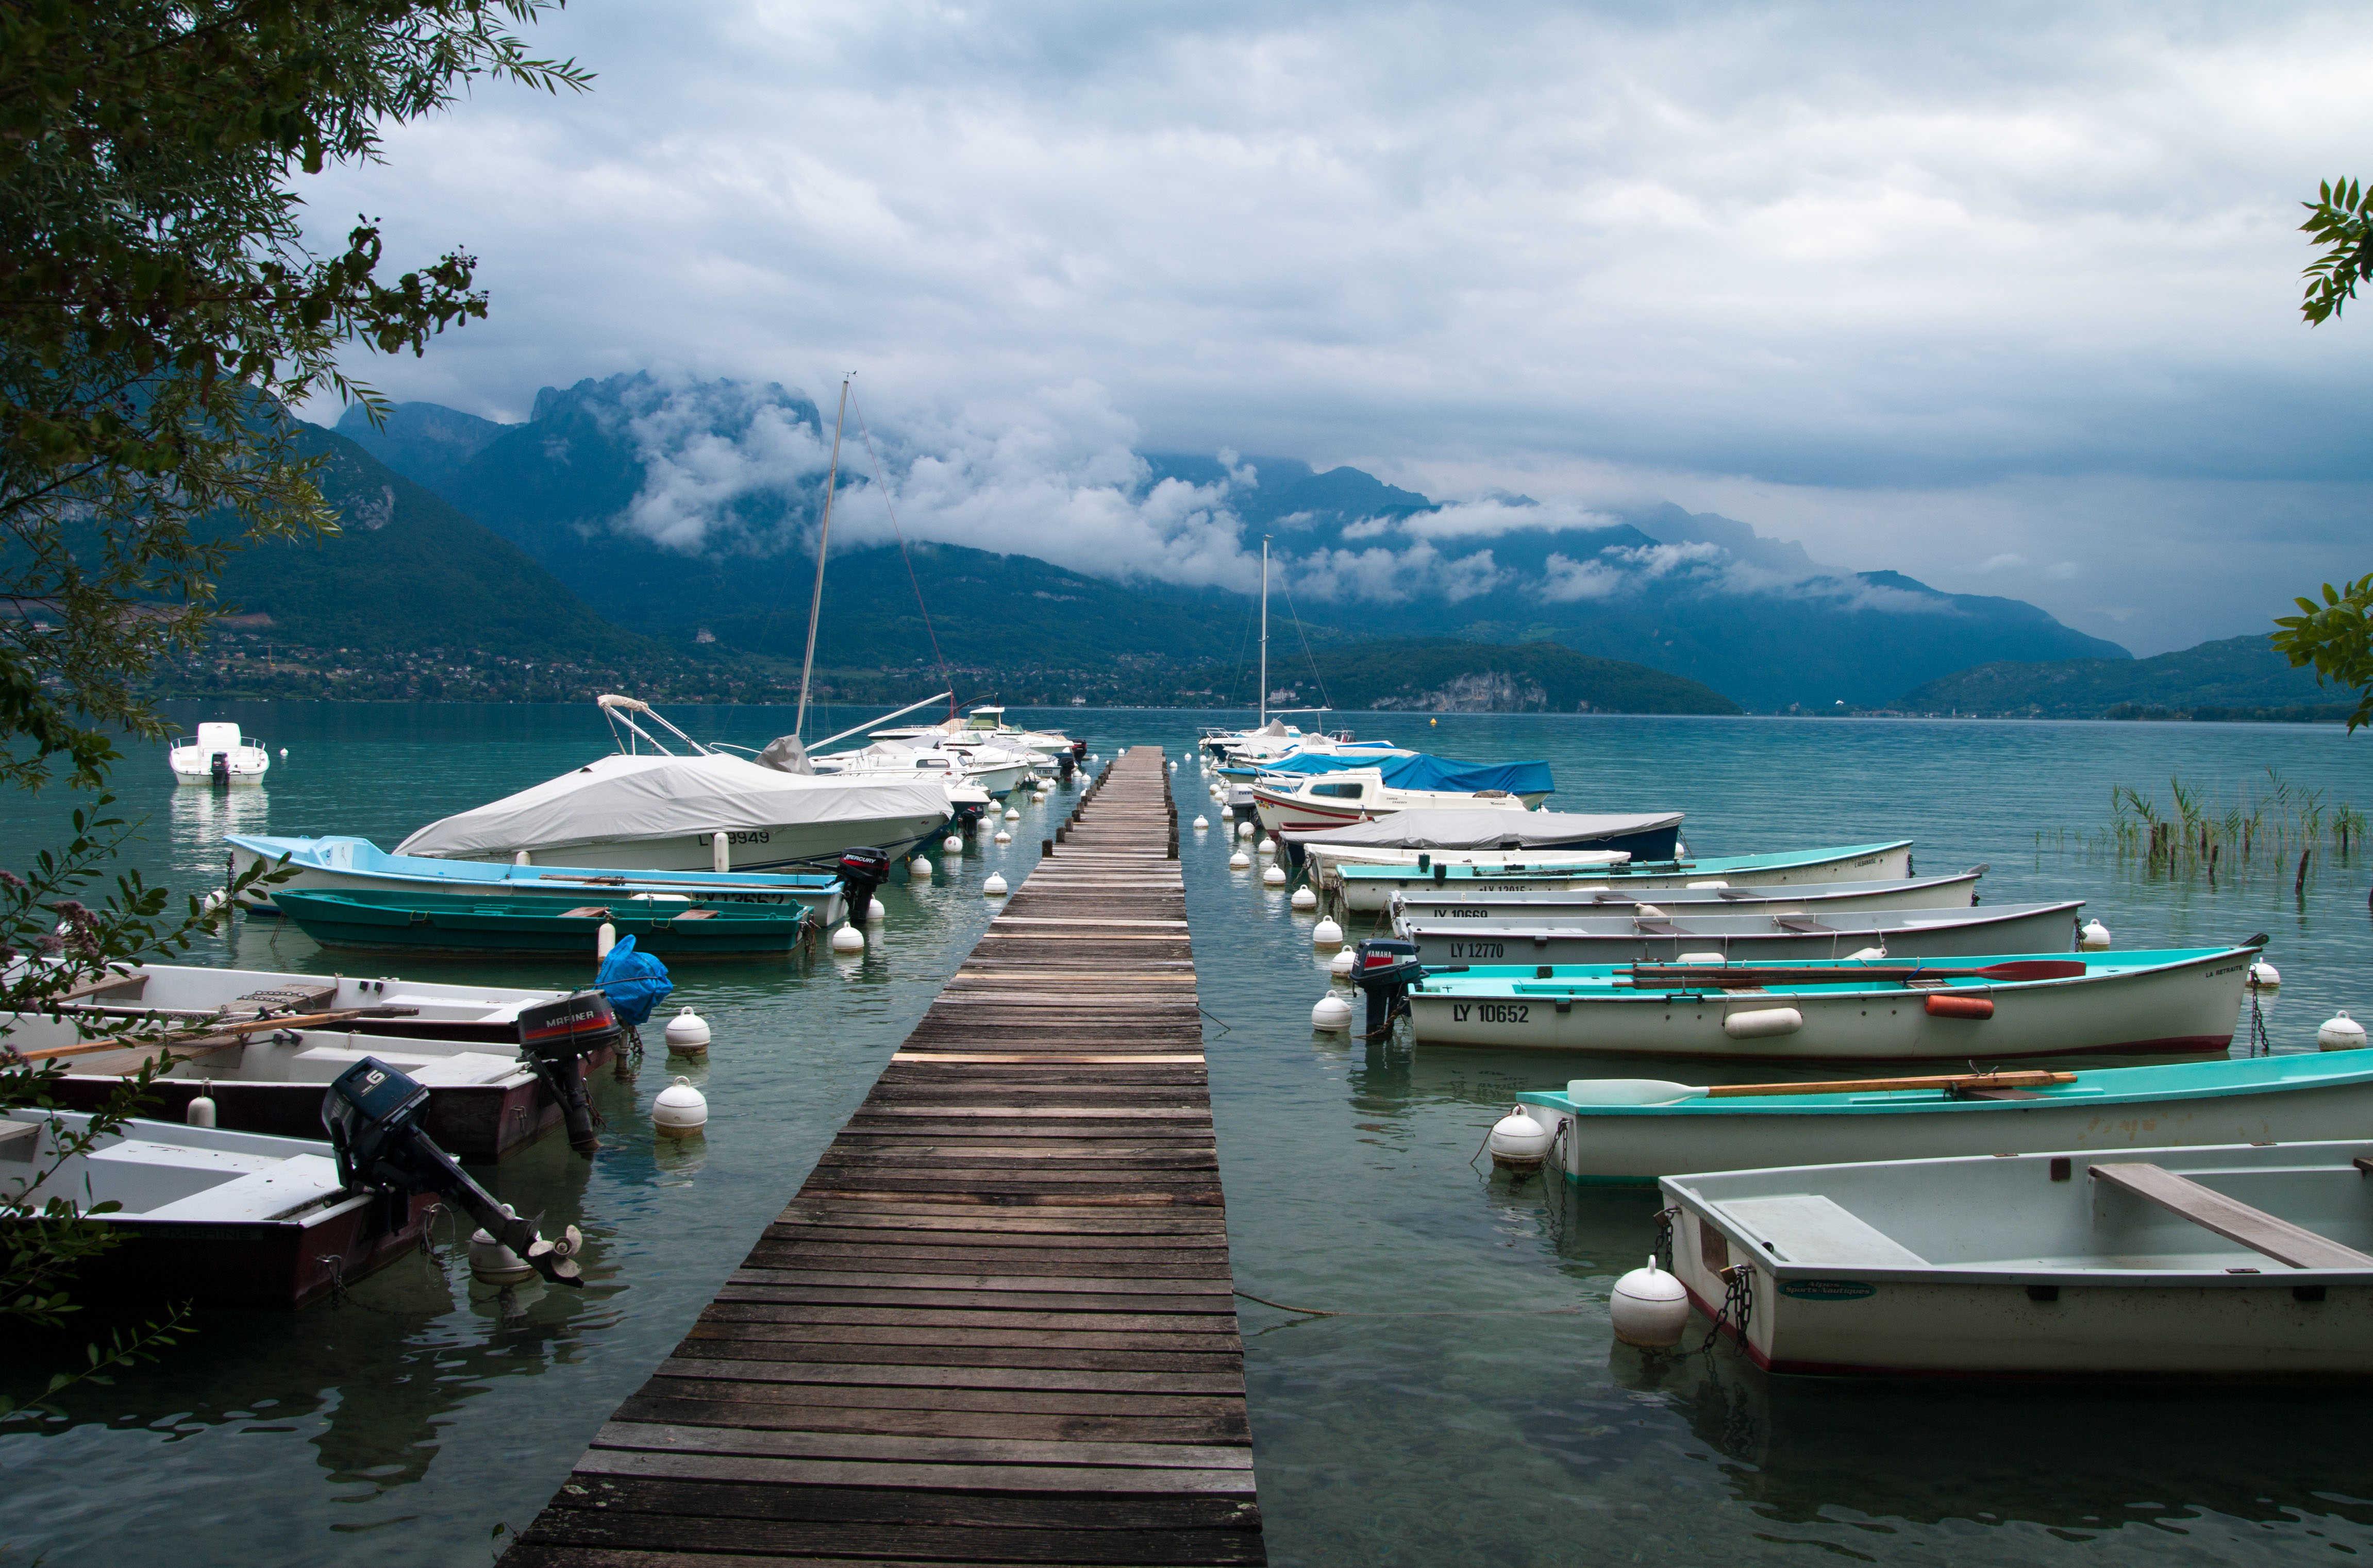 بحيرة انسي من اجمل اماكن السياحة في انسي